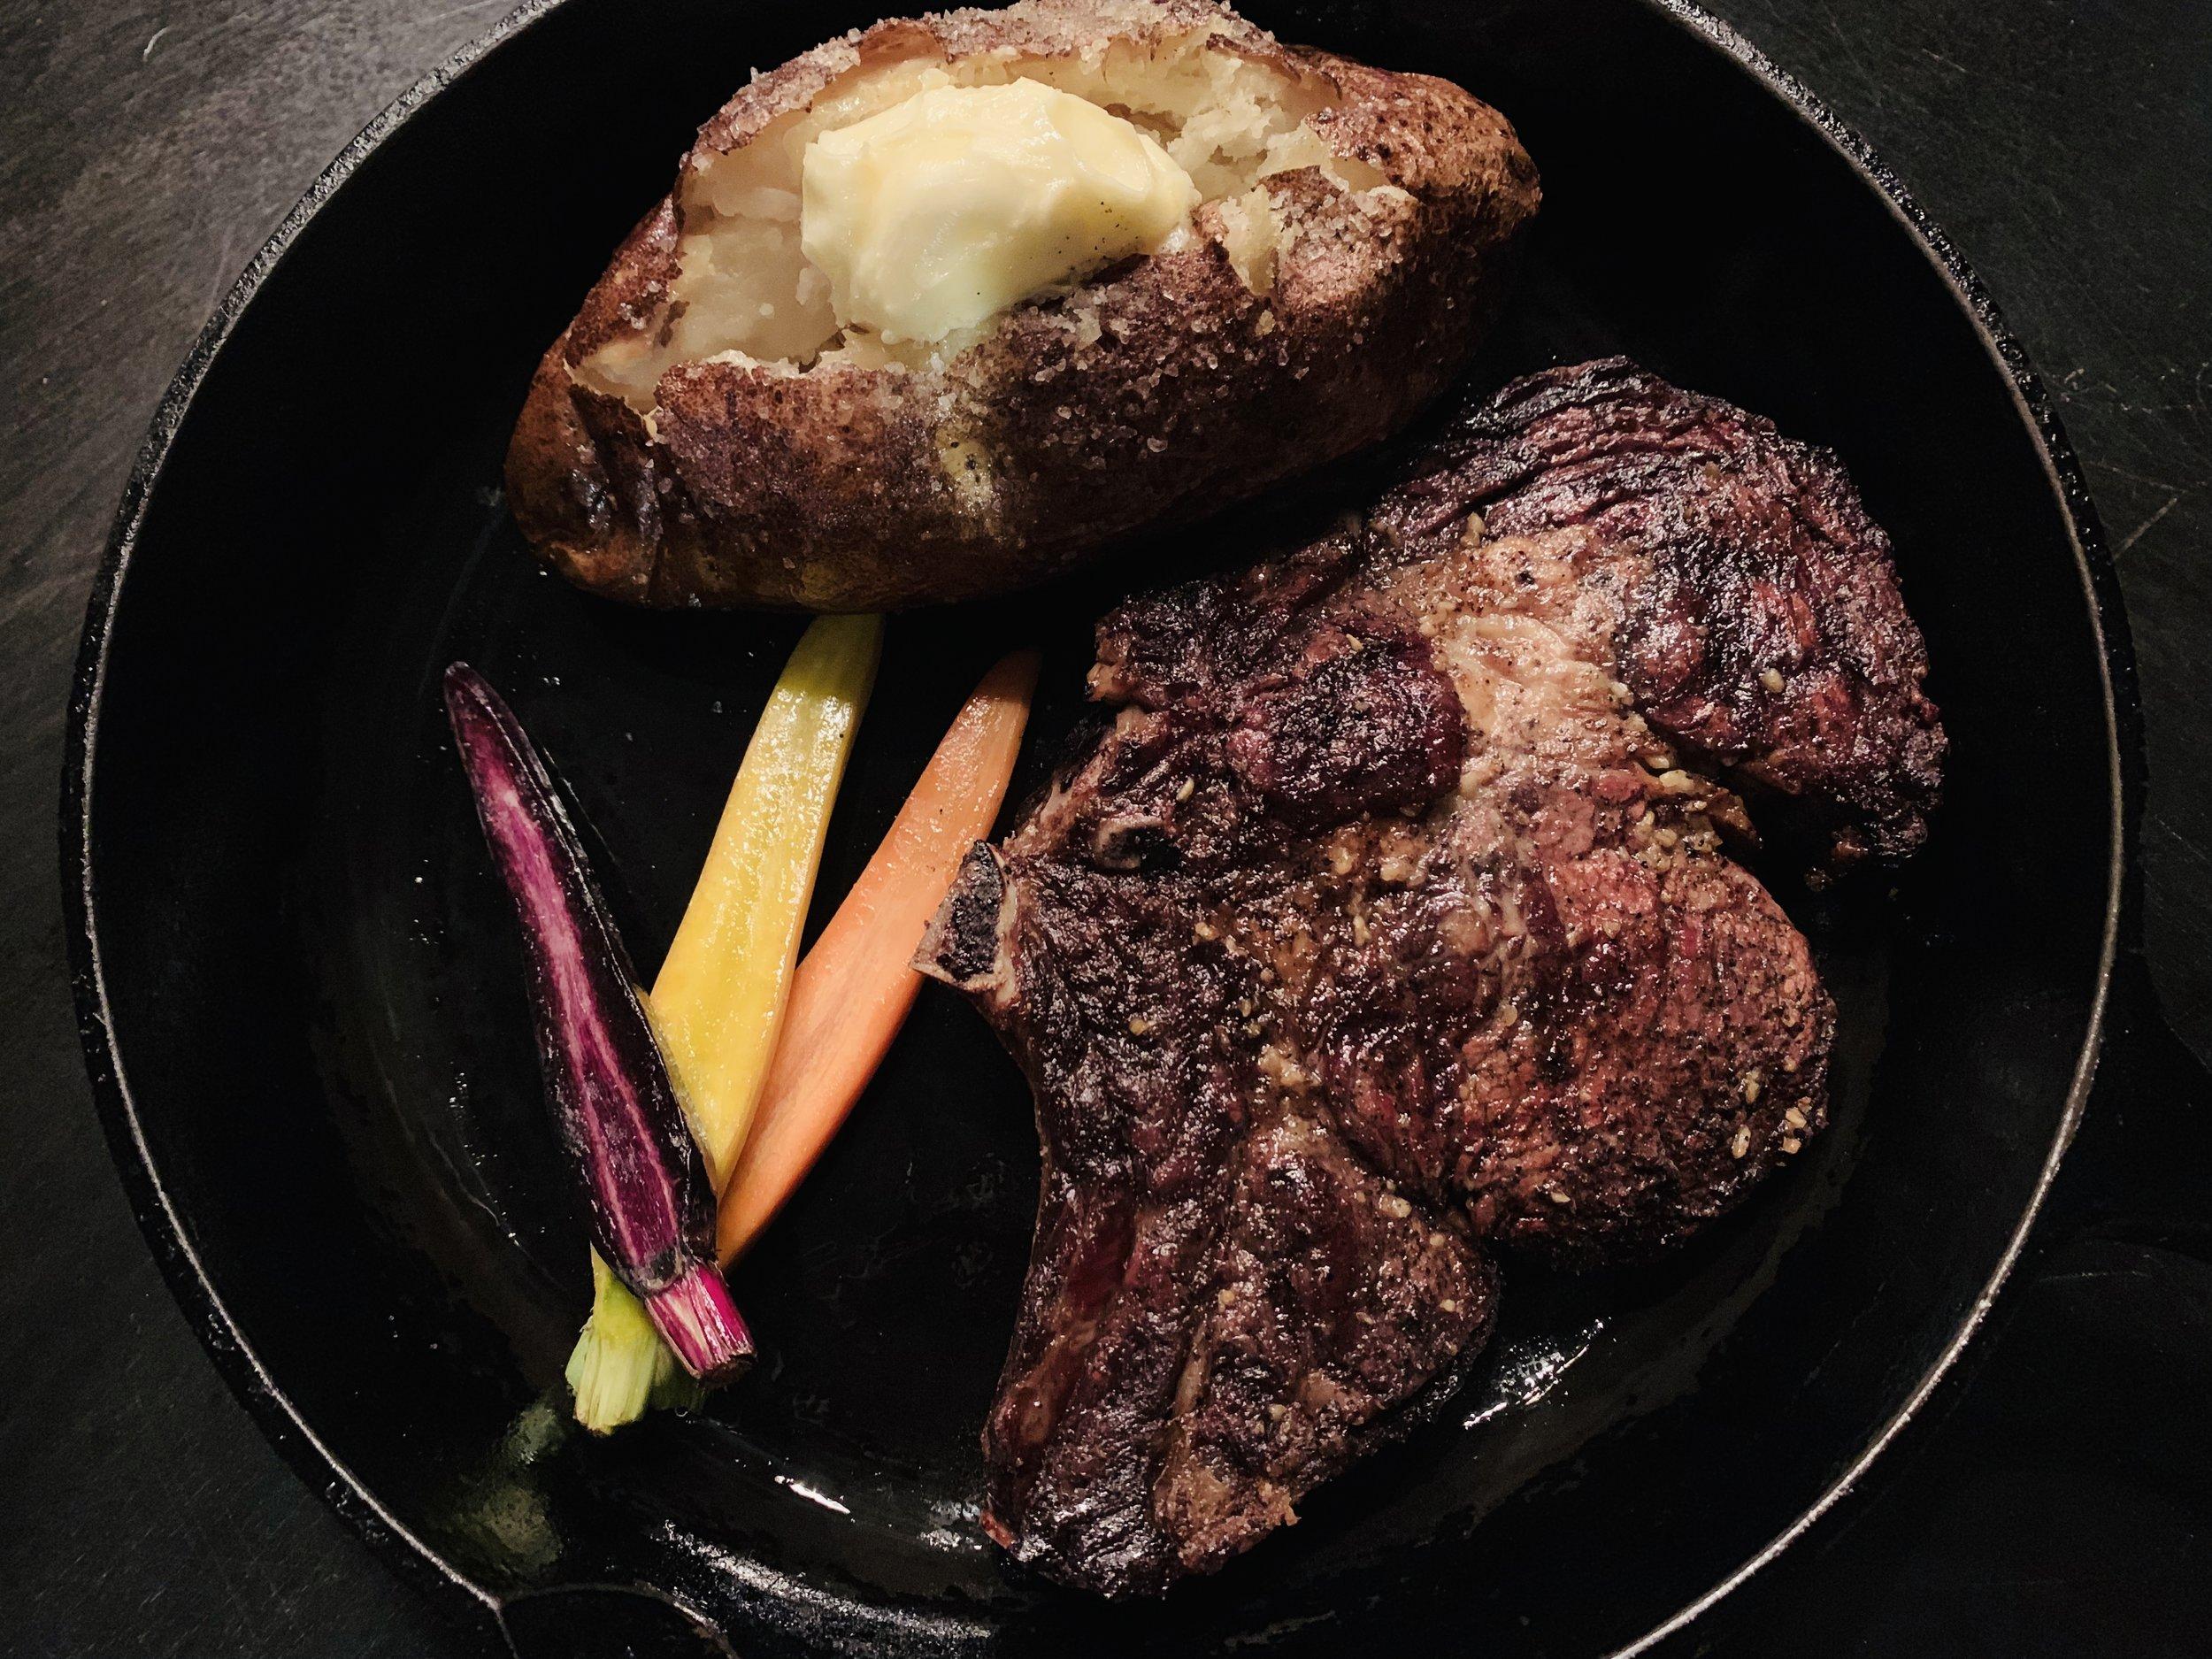 Wolfman_Steak.JPG